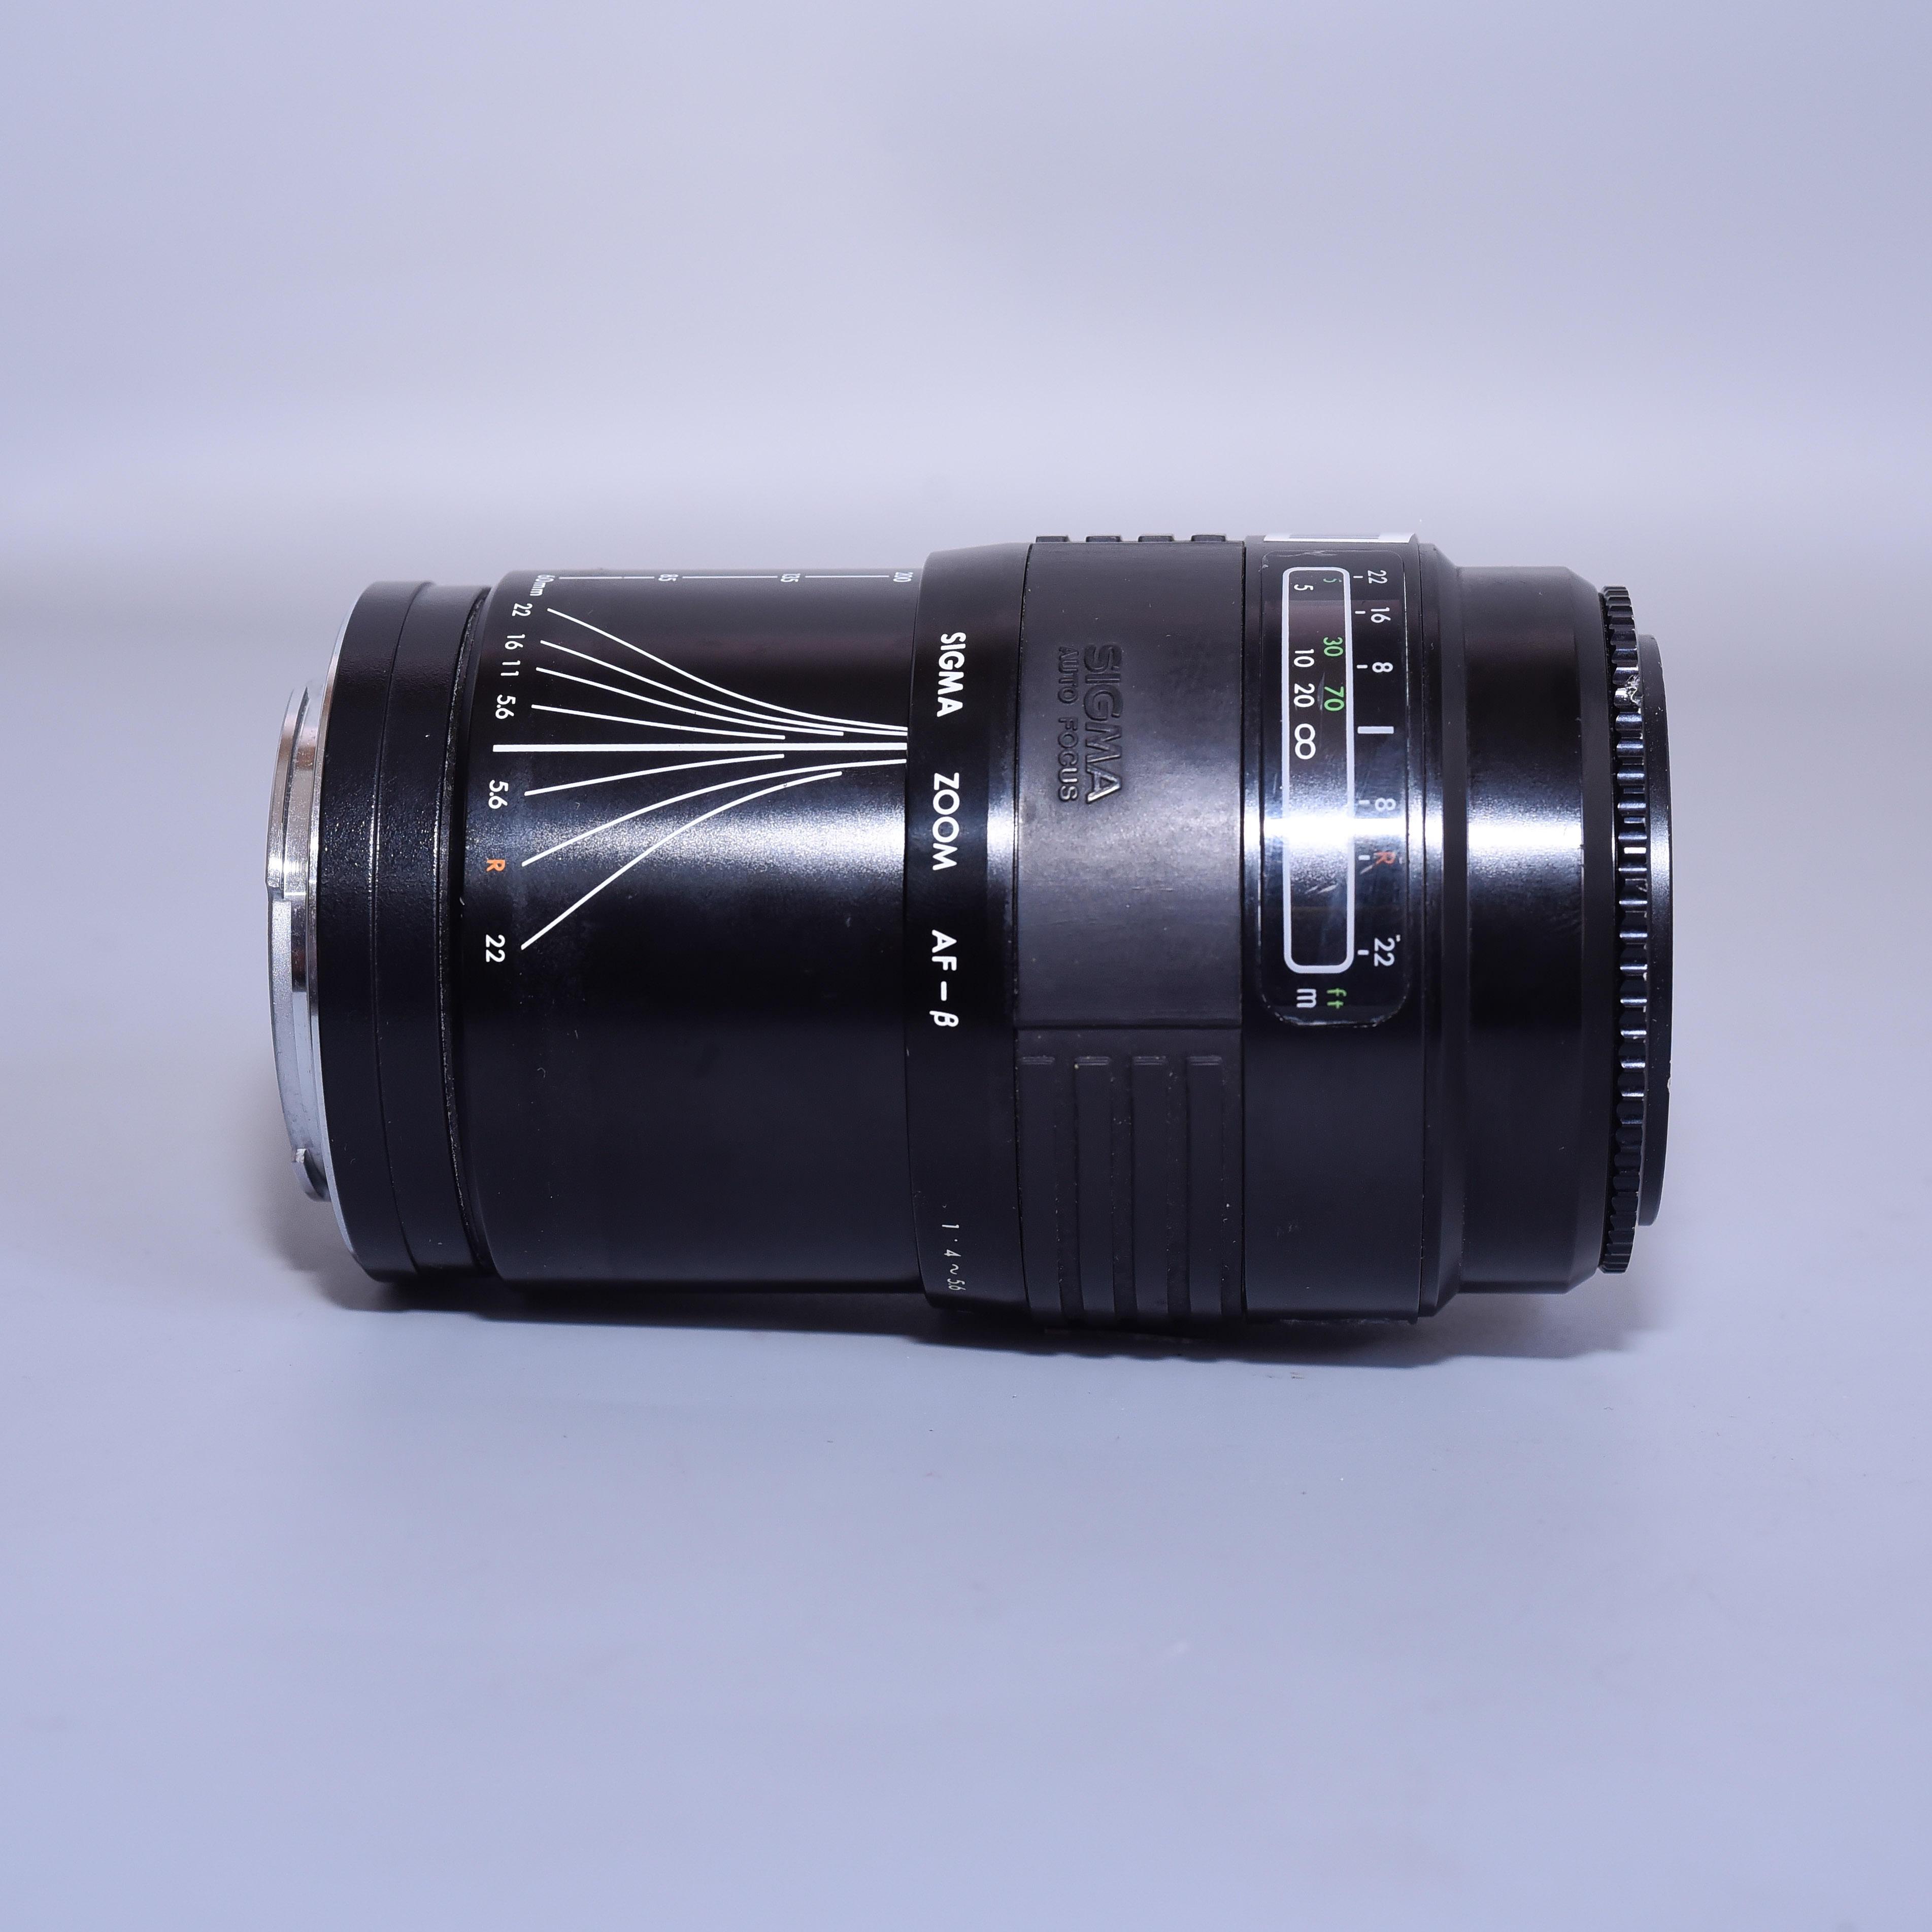 sigma-60-200mm-f4-5-6-af-sony-a-60-300-4-5-6-11155